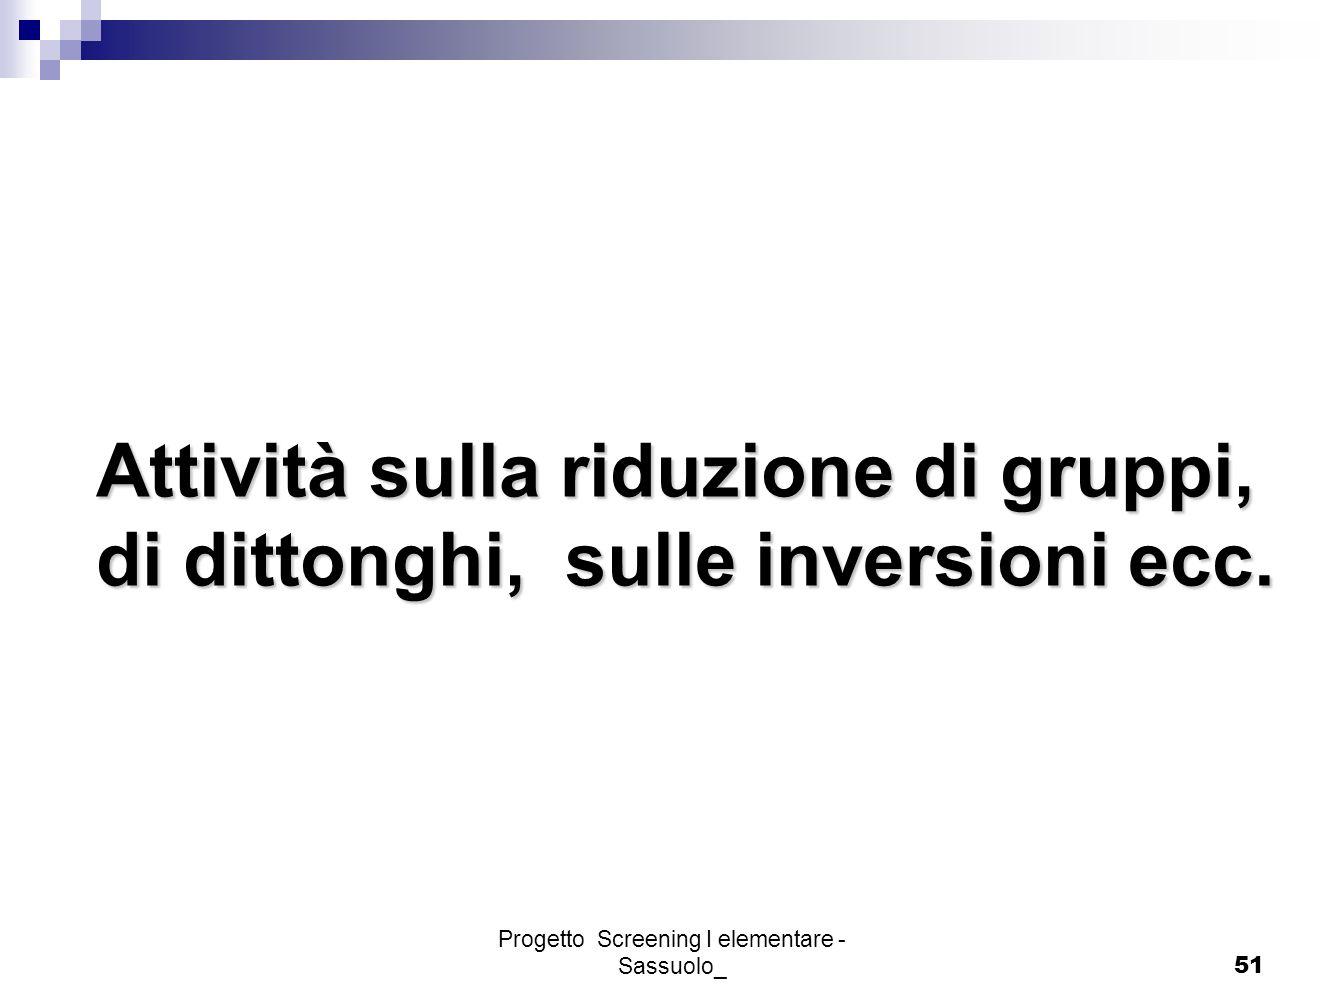 Progetto Screening I elementare - Sassuolo_51 Attività sulla riduzione di gruppi, di dittonghi, sulle inversioni ecc.